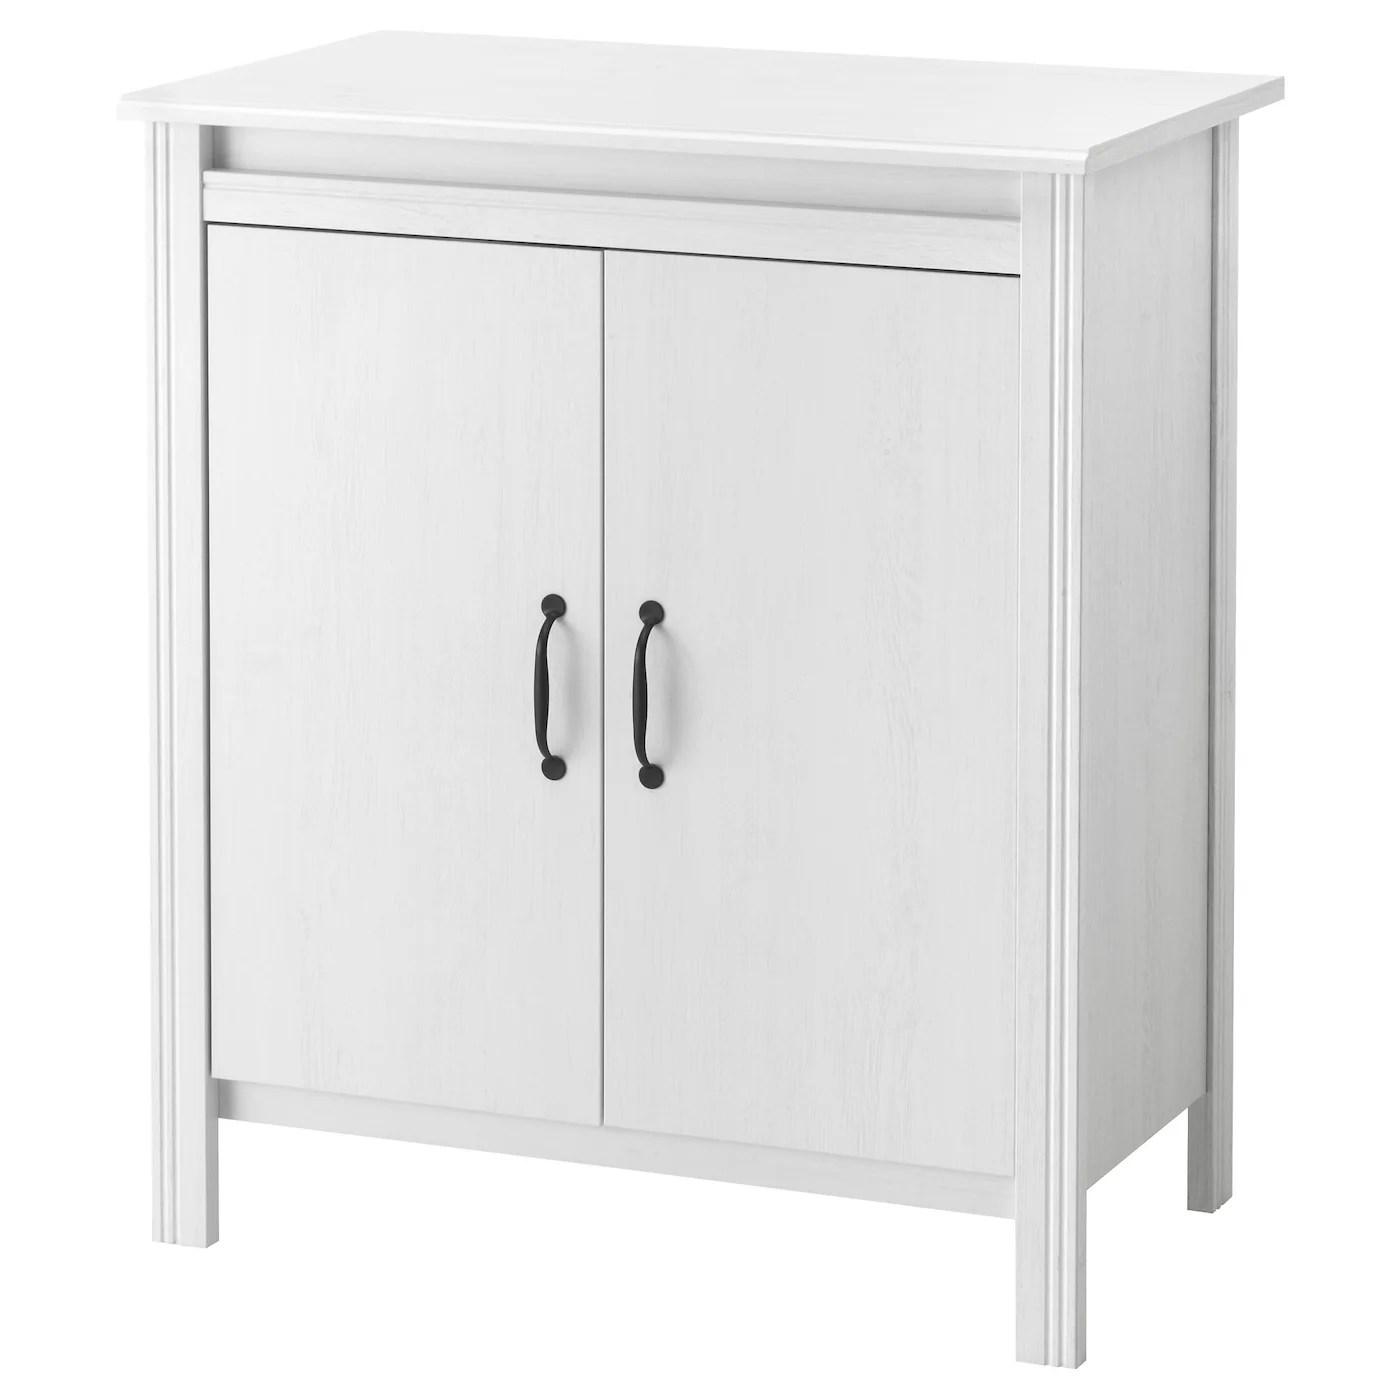 Storage Cabinets & Storage Cupboards